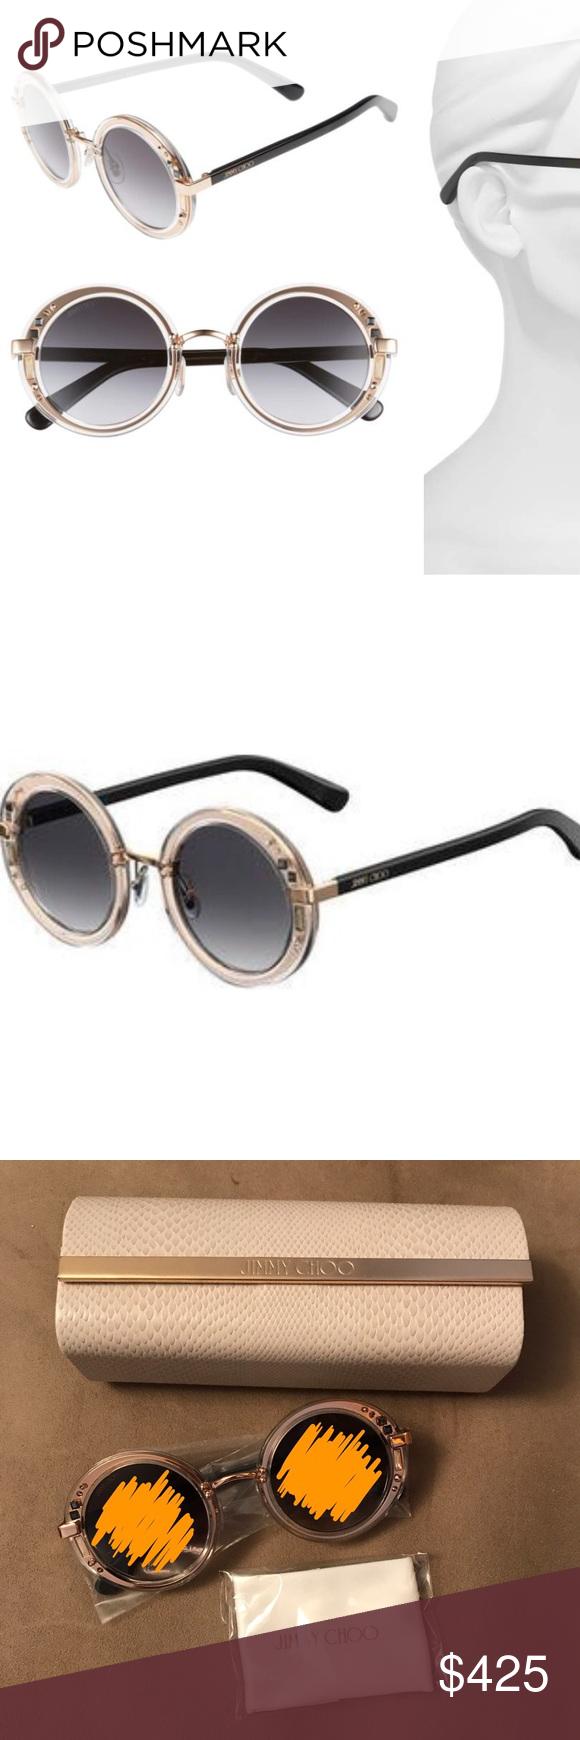 a49bef33ea2 NWOT NIB jimmy choo GEM sunglasses rose gold black Brand new sunglasses by jimmy  choo